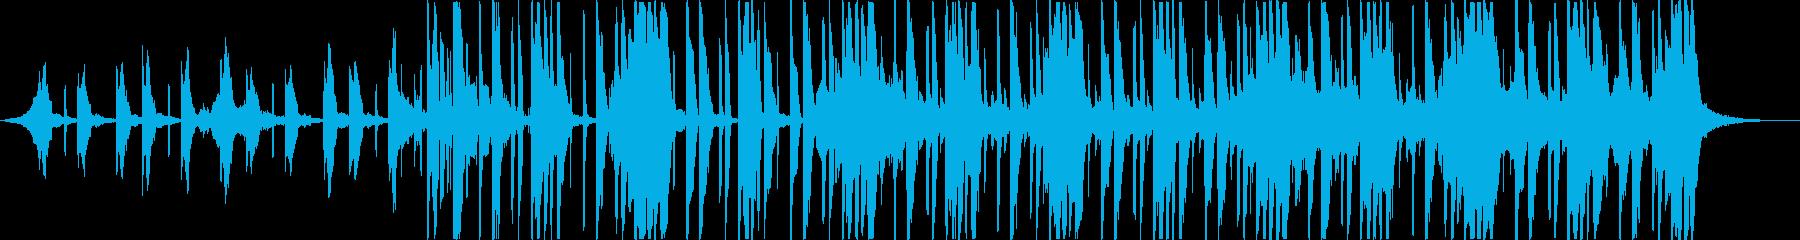 おしゃれ洋楽ヒップホップR&Bソウルcの再生済みの波形